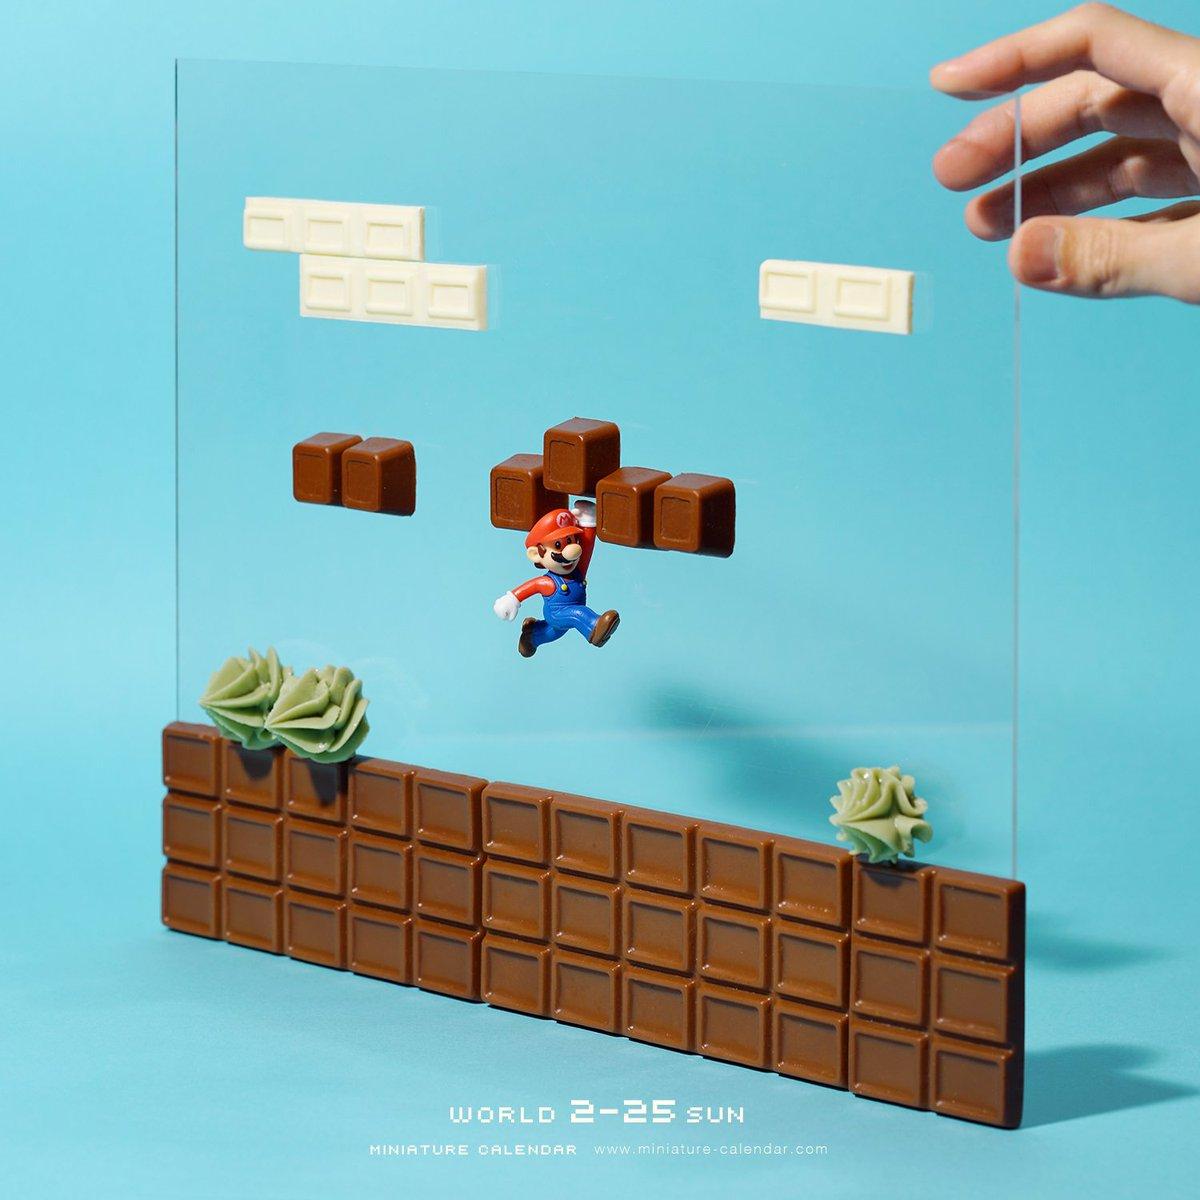 甘くみてるとゲームオーバー   #スーパーマリオ #チョコレート